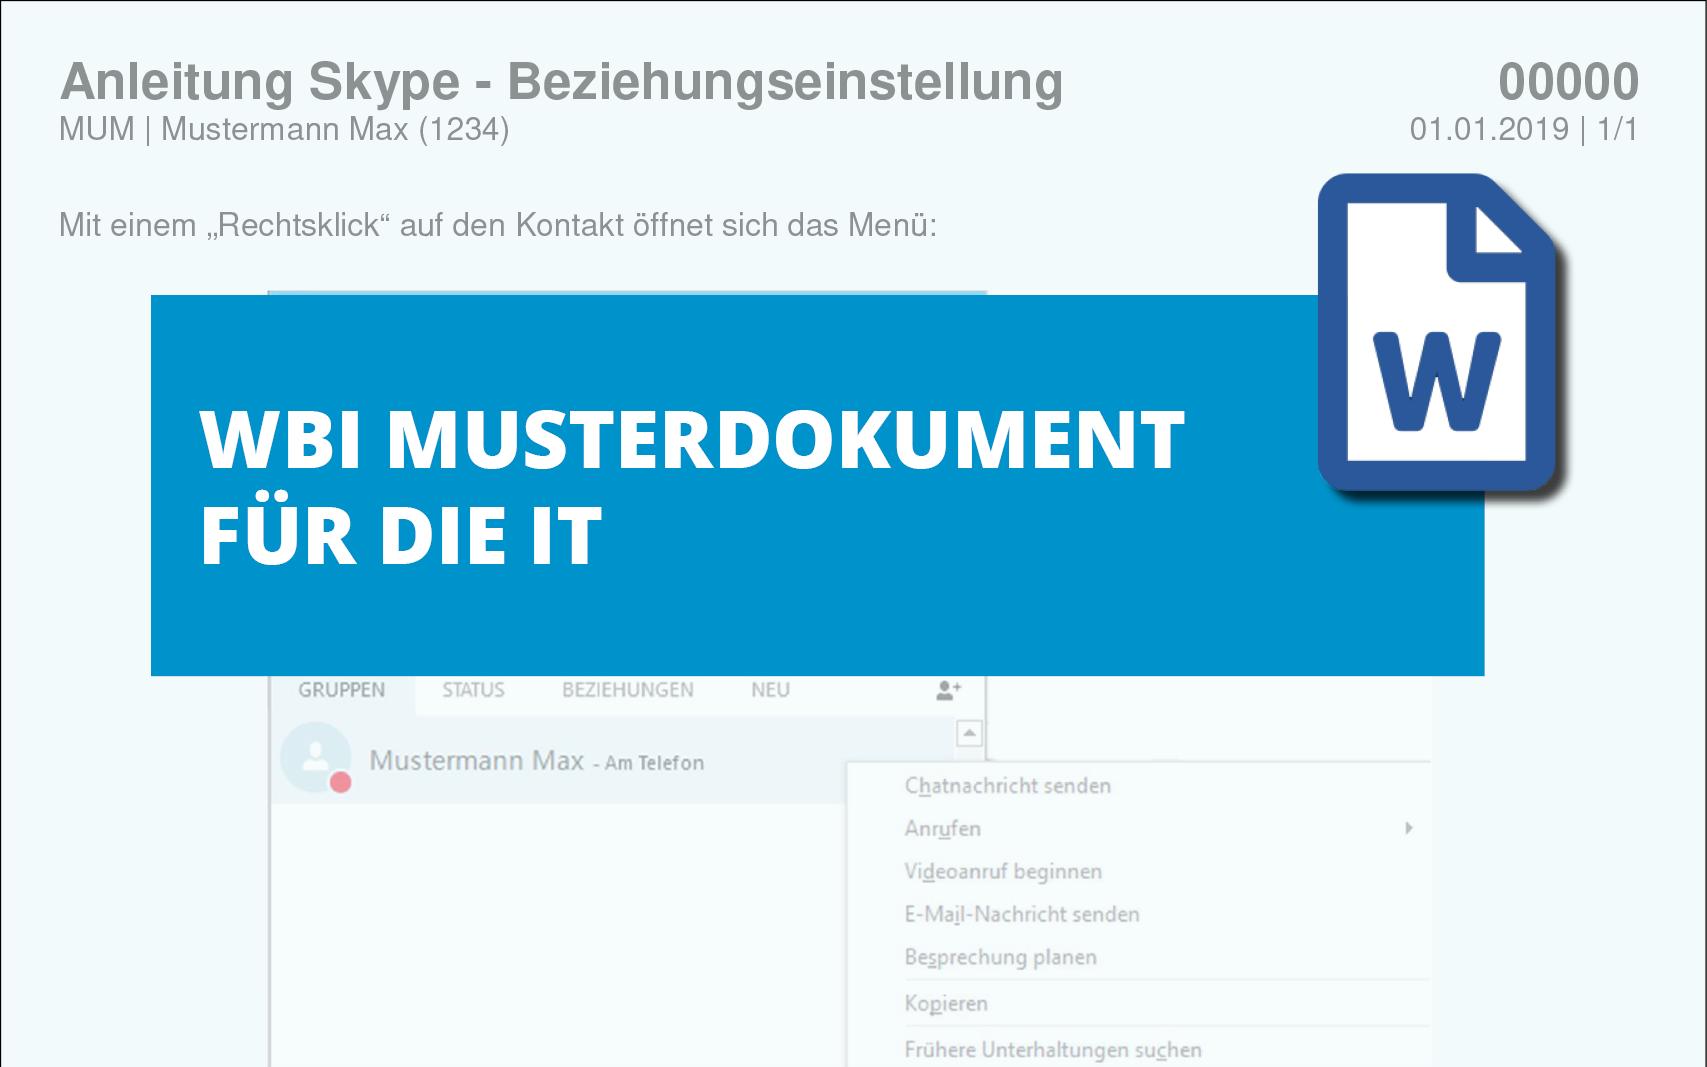 anleitung-skype-beziehungseinstellung